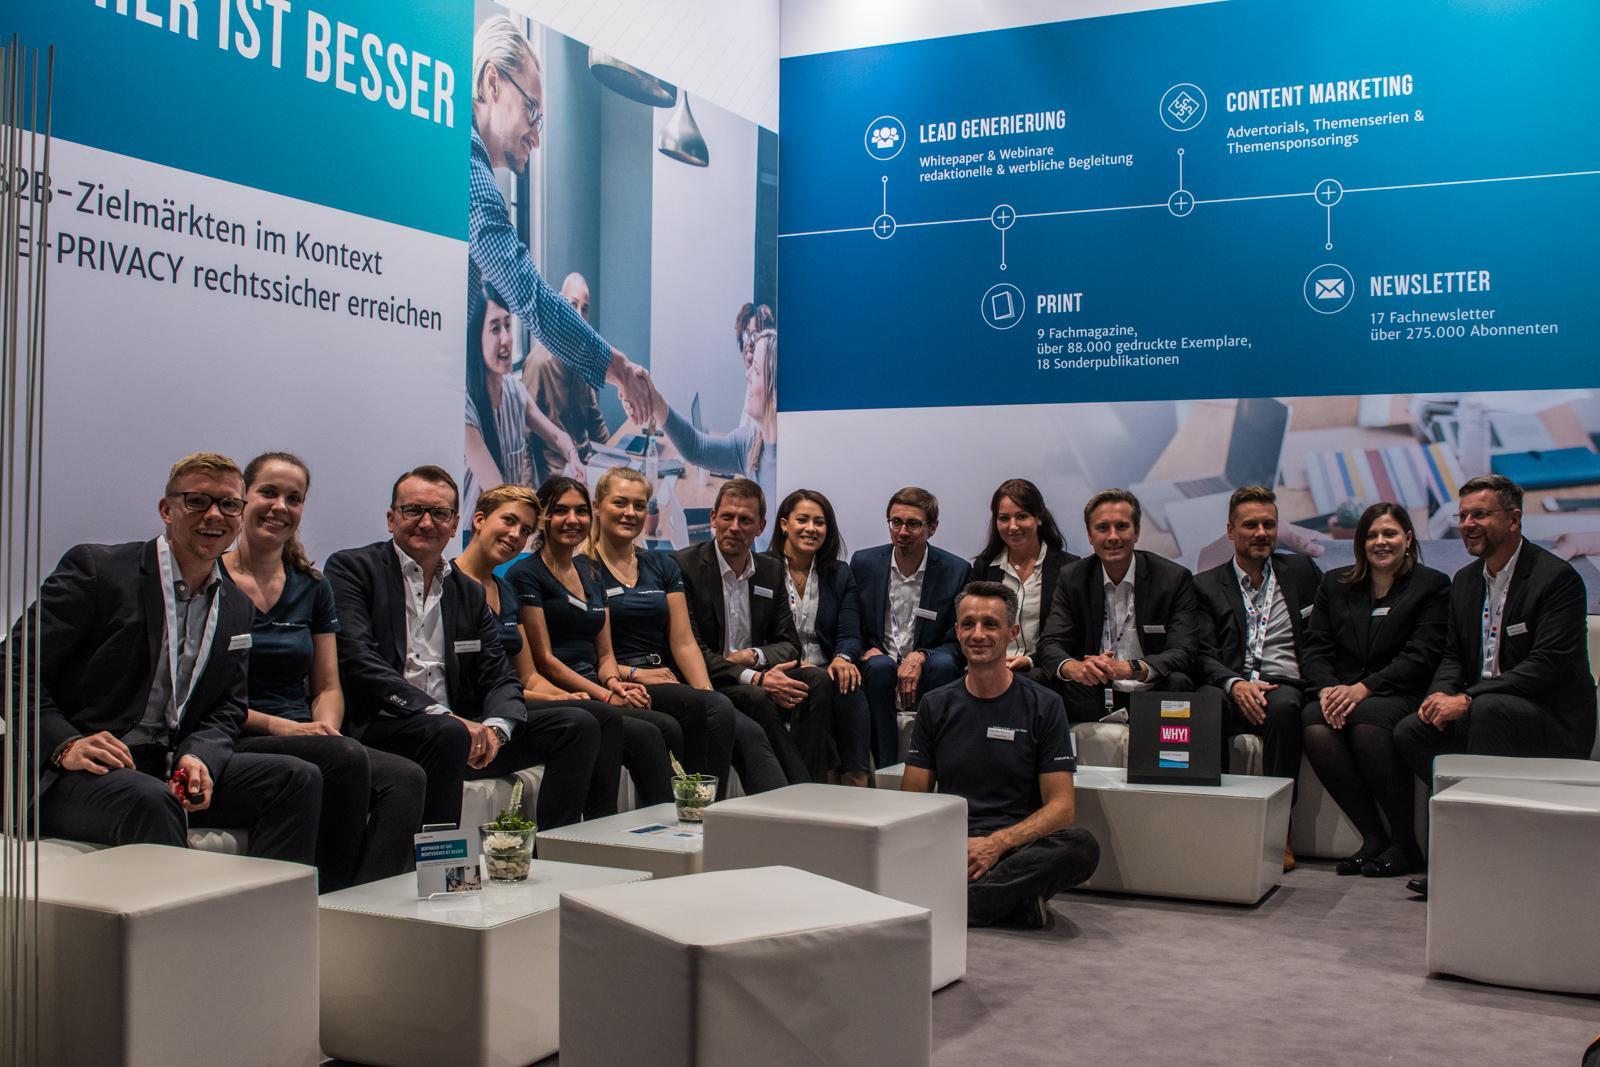 Messebegleitung-Haufe-Köln-DMEXCO-11